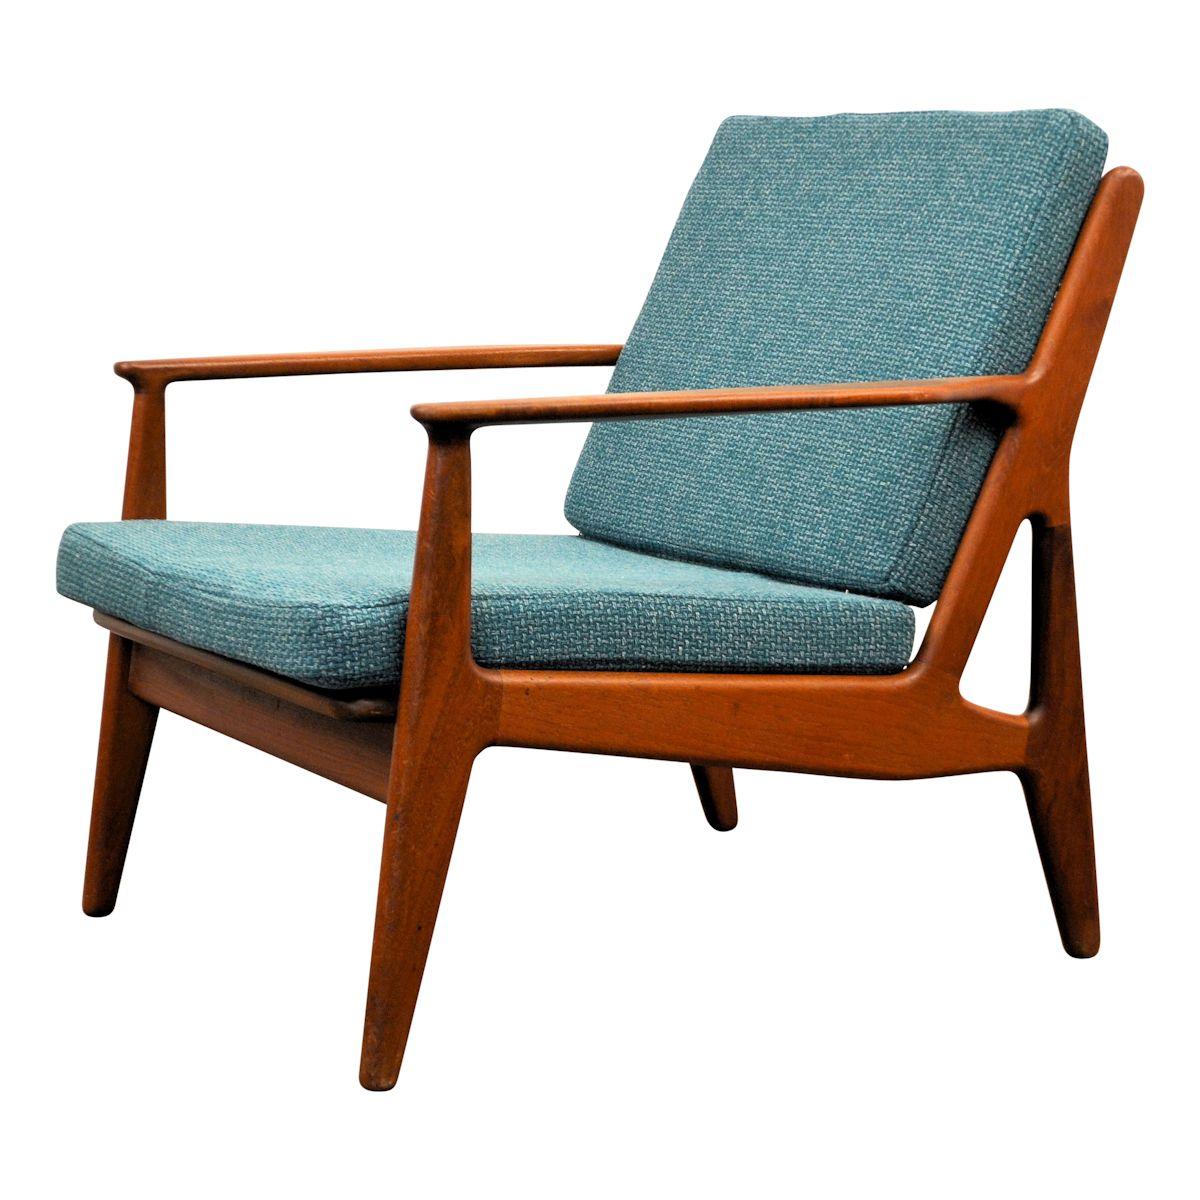 Vintage teak fauteuil van Arne Vodder